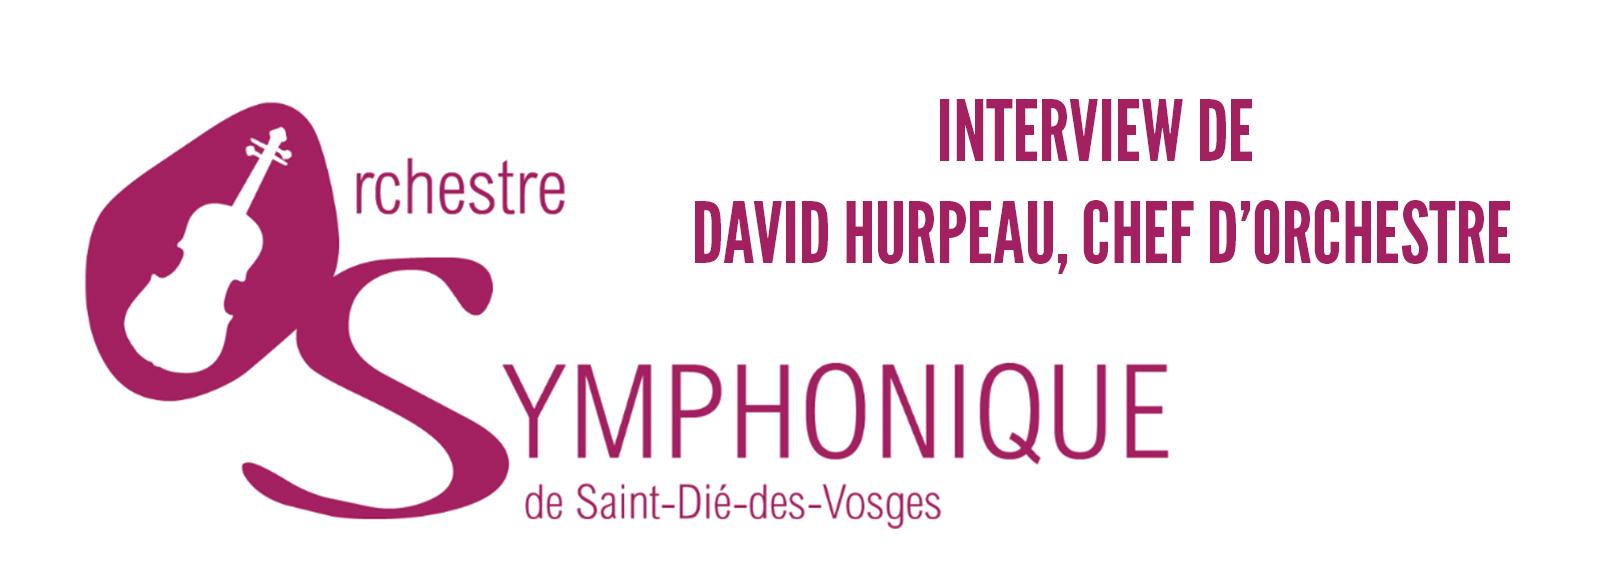 pepita greus orchestre symphonique